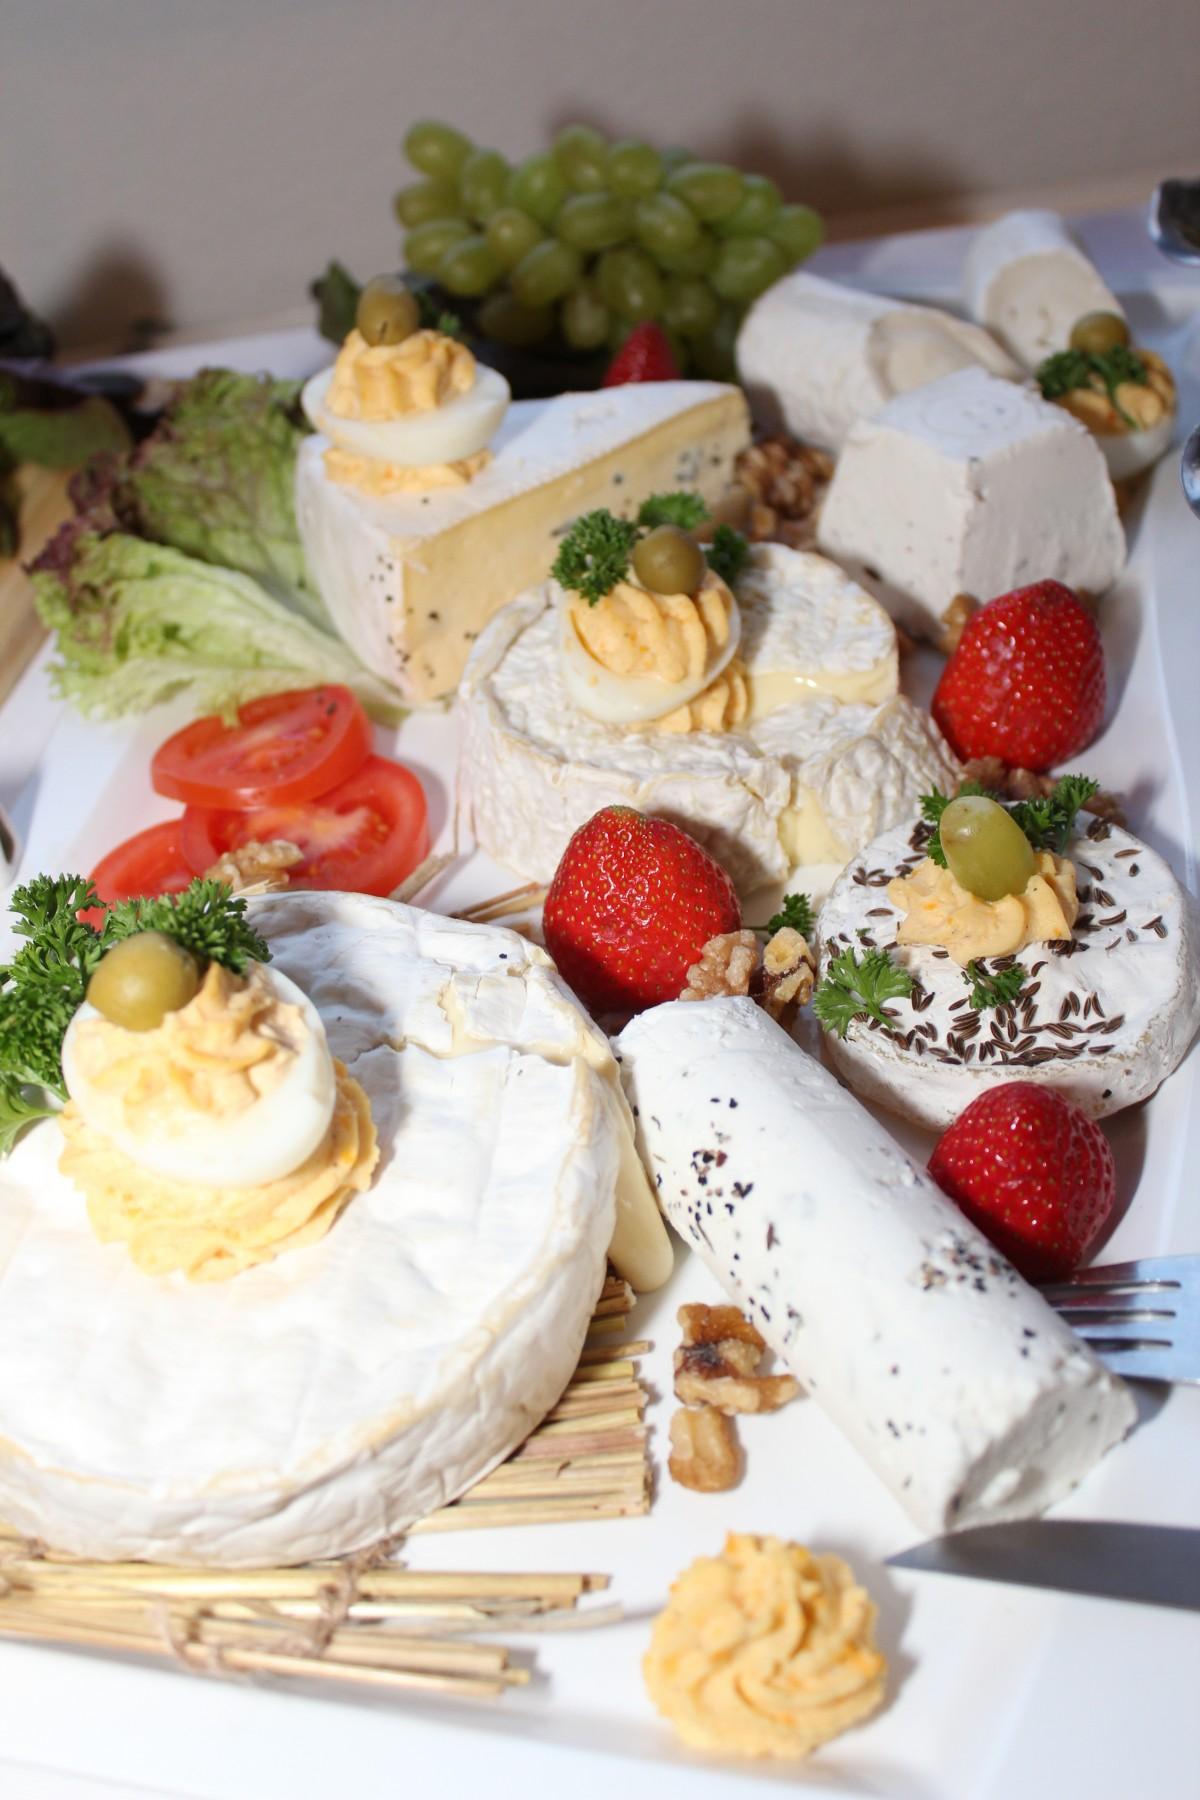 images gratuites la glace plat repas aliments salade produire l gume assiette d jeuner. Black Bedroom Furniture Sets. Home Design Ideas